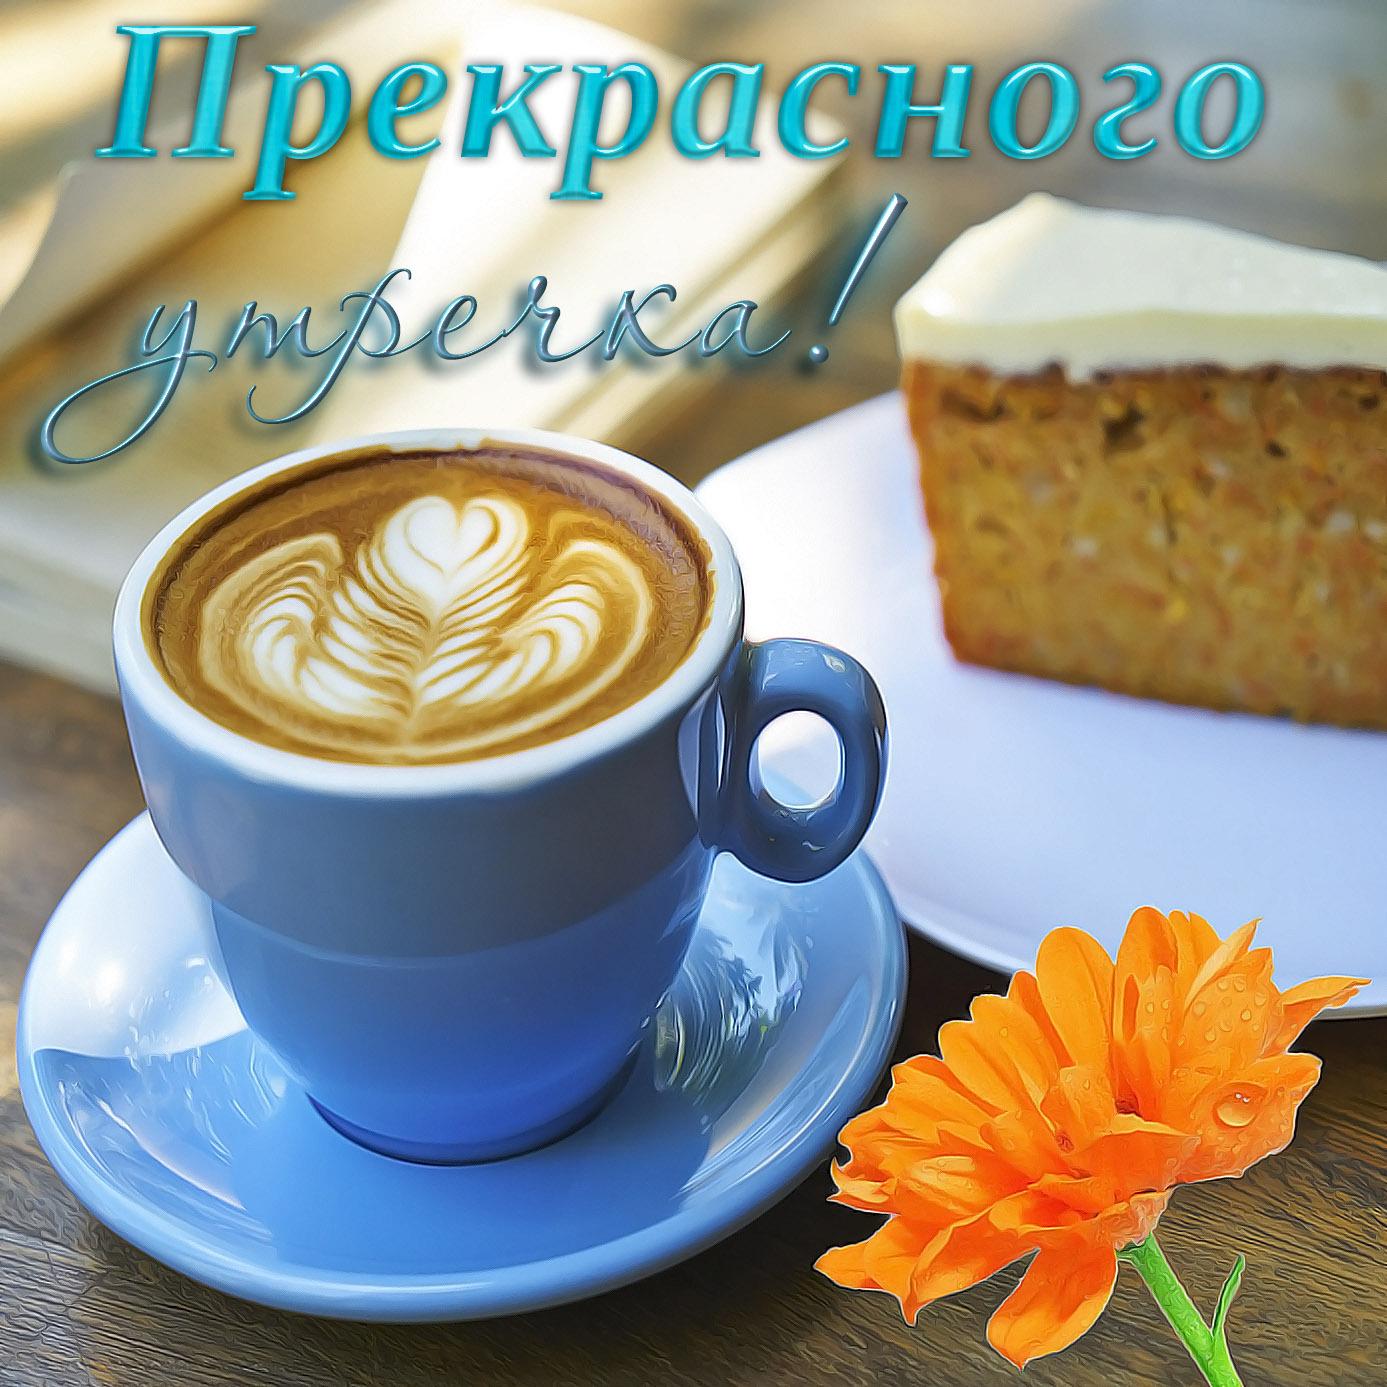 Открытки с пожеланием доброго утра, дня, вечера и спокойной ночи 60